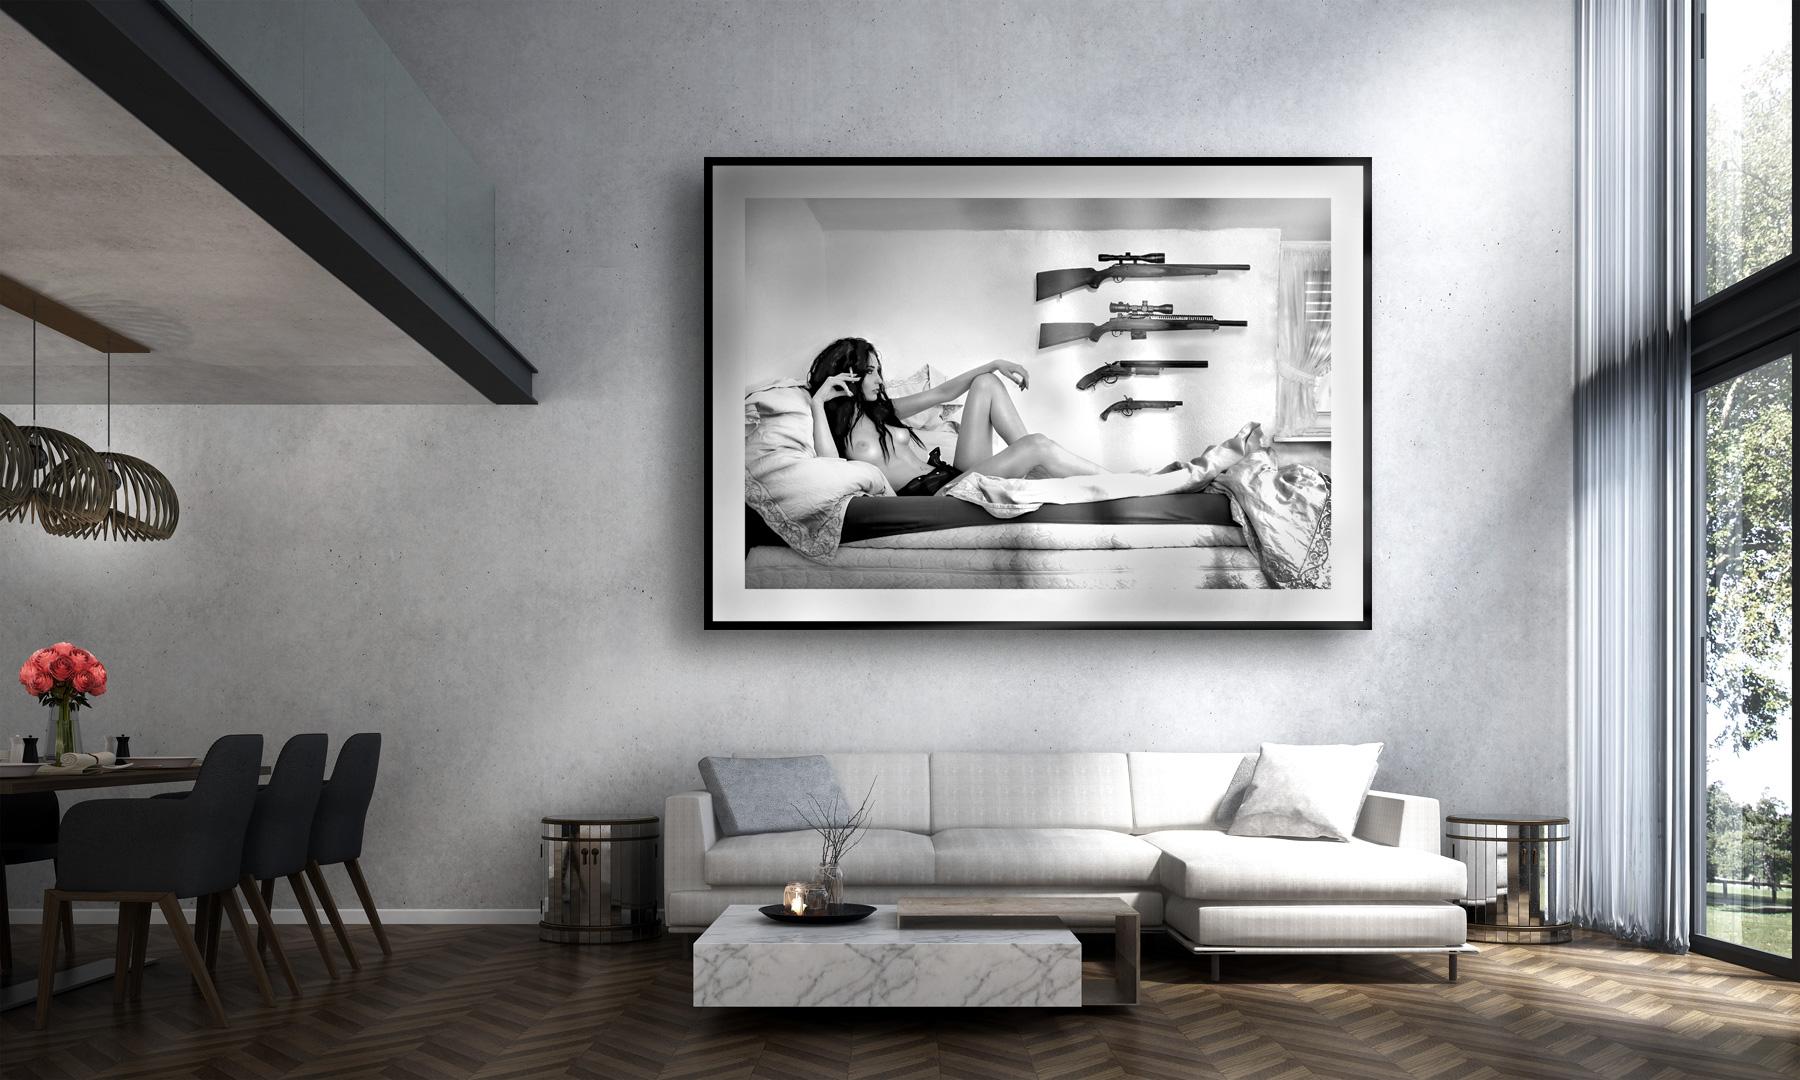 kunst-fotografie-wandbild-rahmen